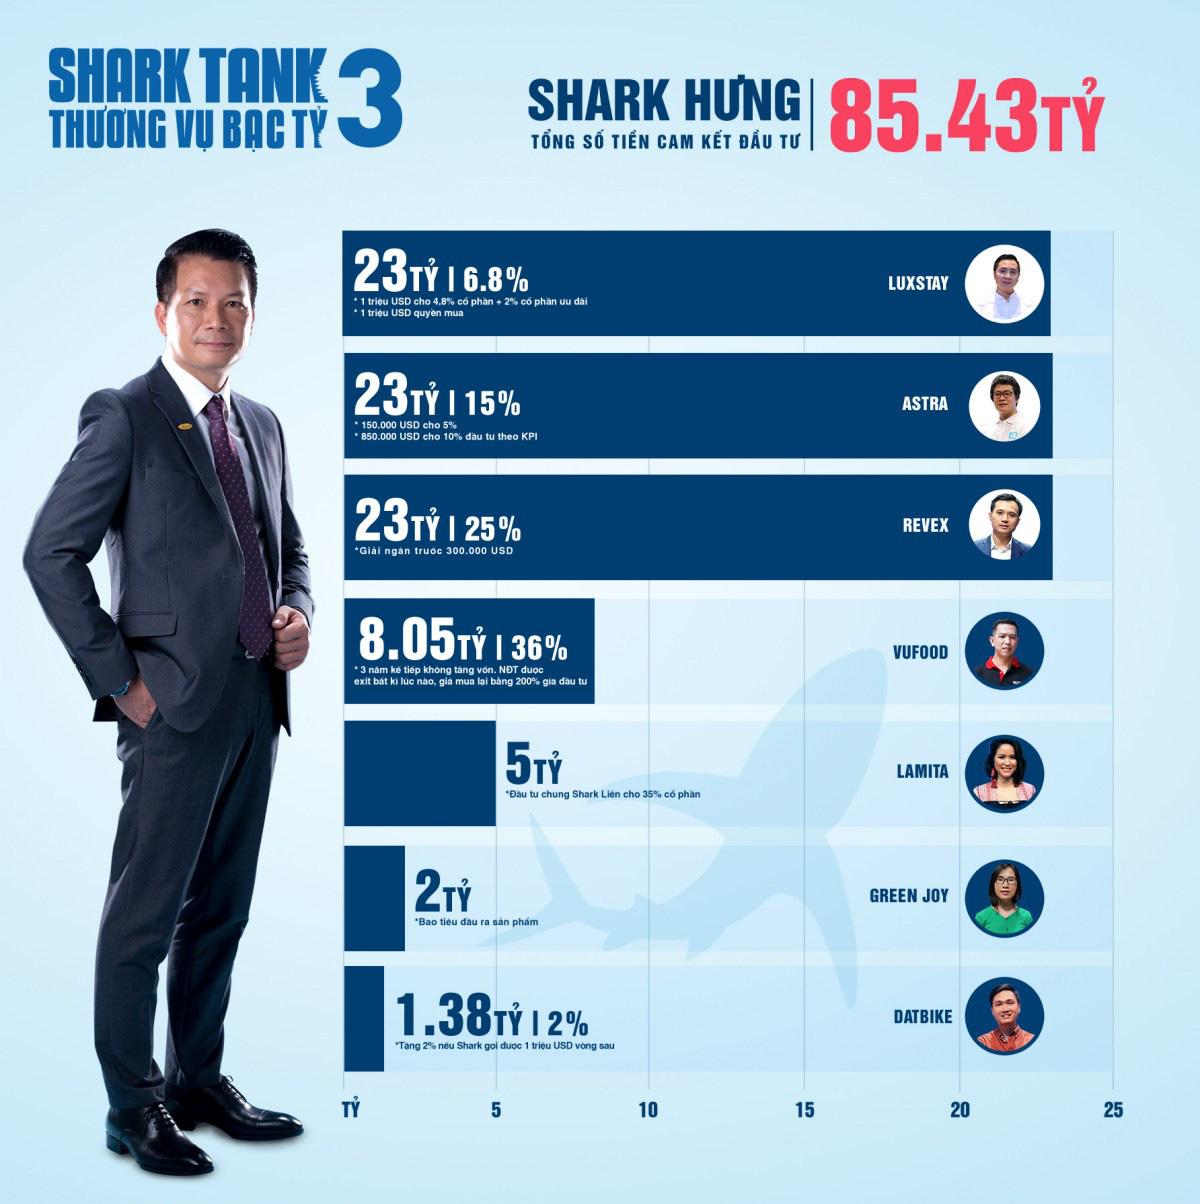 Shark Tank Việt Nam mùa 3 - Hành trình lan tỏa cảm hứng khởi nghiệp mạnh mẽ - Ảnh 3.